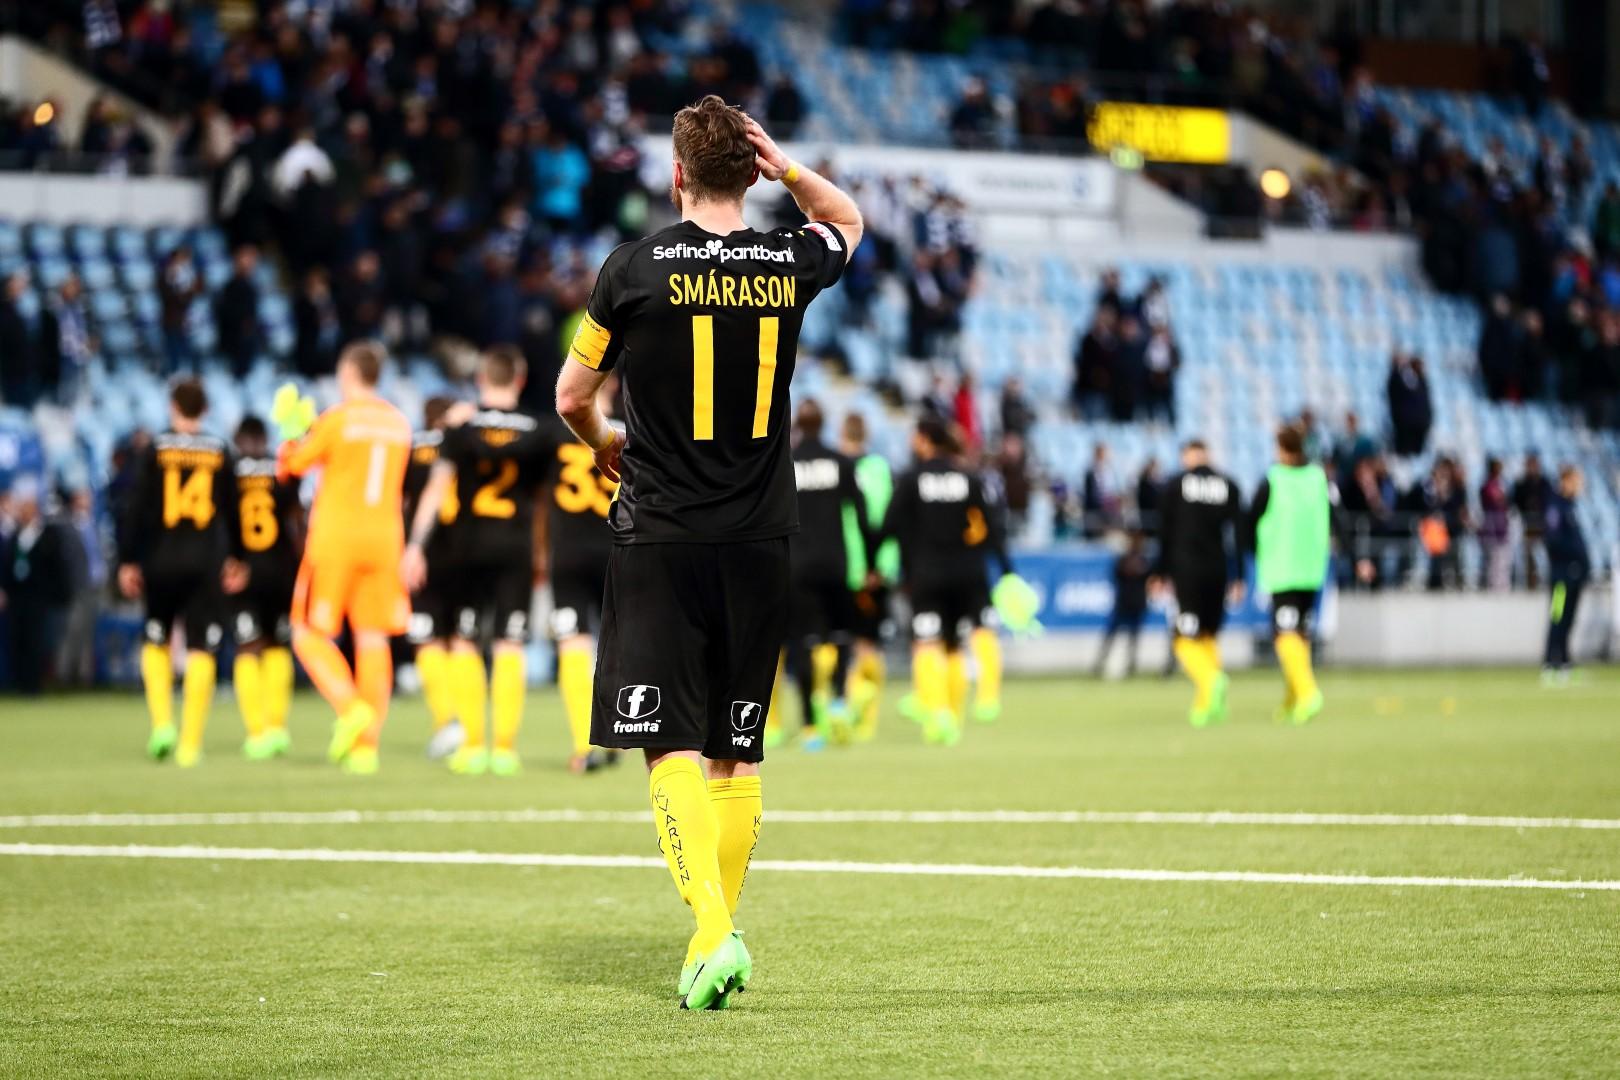 Fotboll, Allsvenskan, Norrkšping - Hammarby